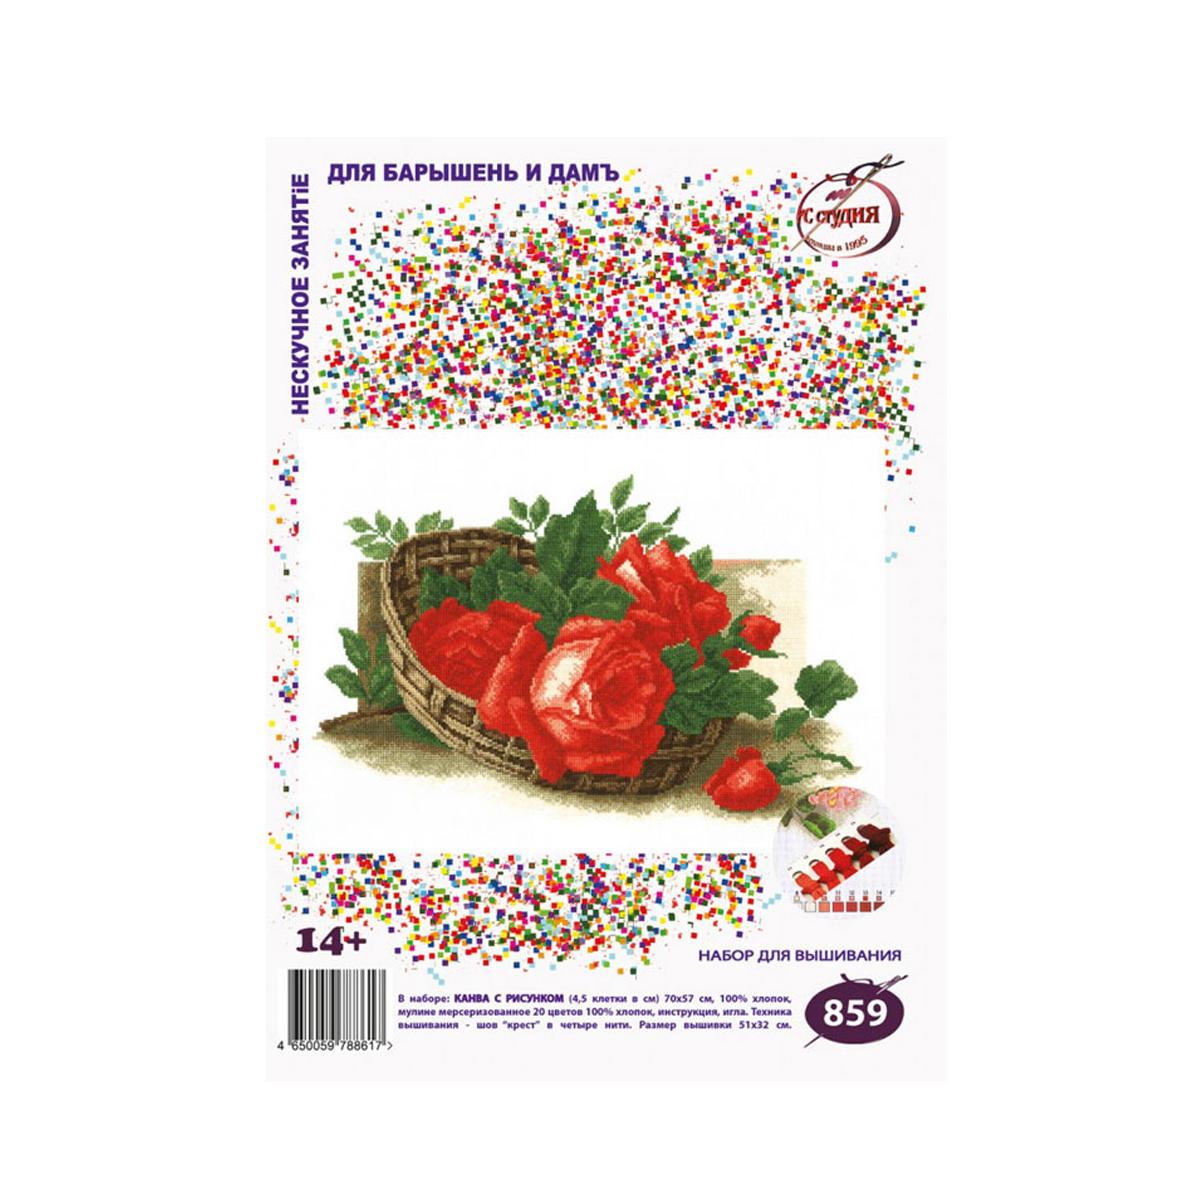 Набор для вышивания РС-Студия Розы в корзине, 51 см х 32 см. 859485616